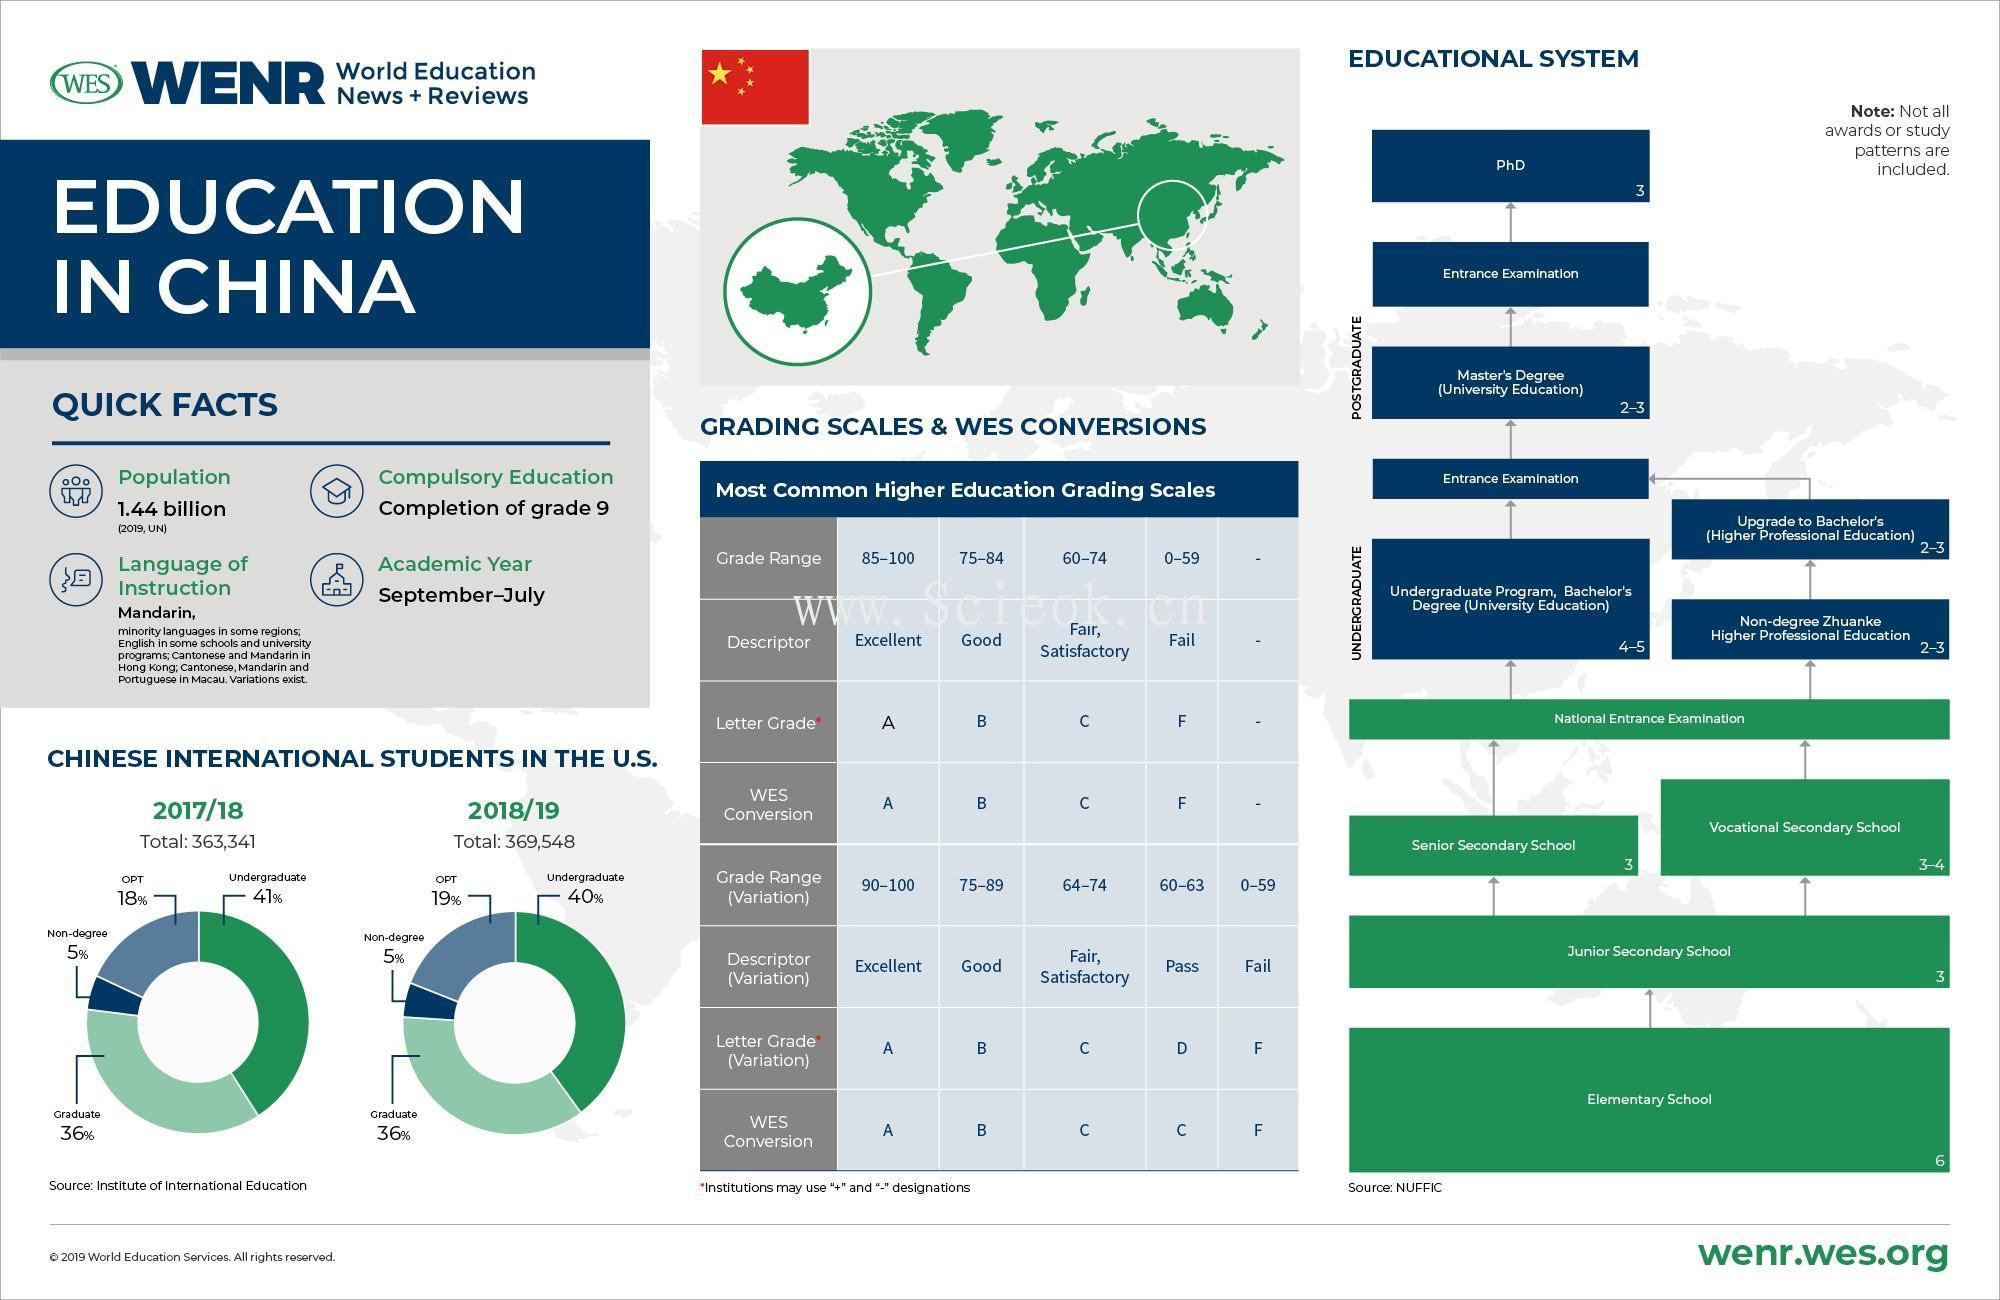 一组教育发达国家的教育体制与数据统计 (中美英德澳加荷韩阿联酋)